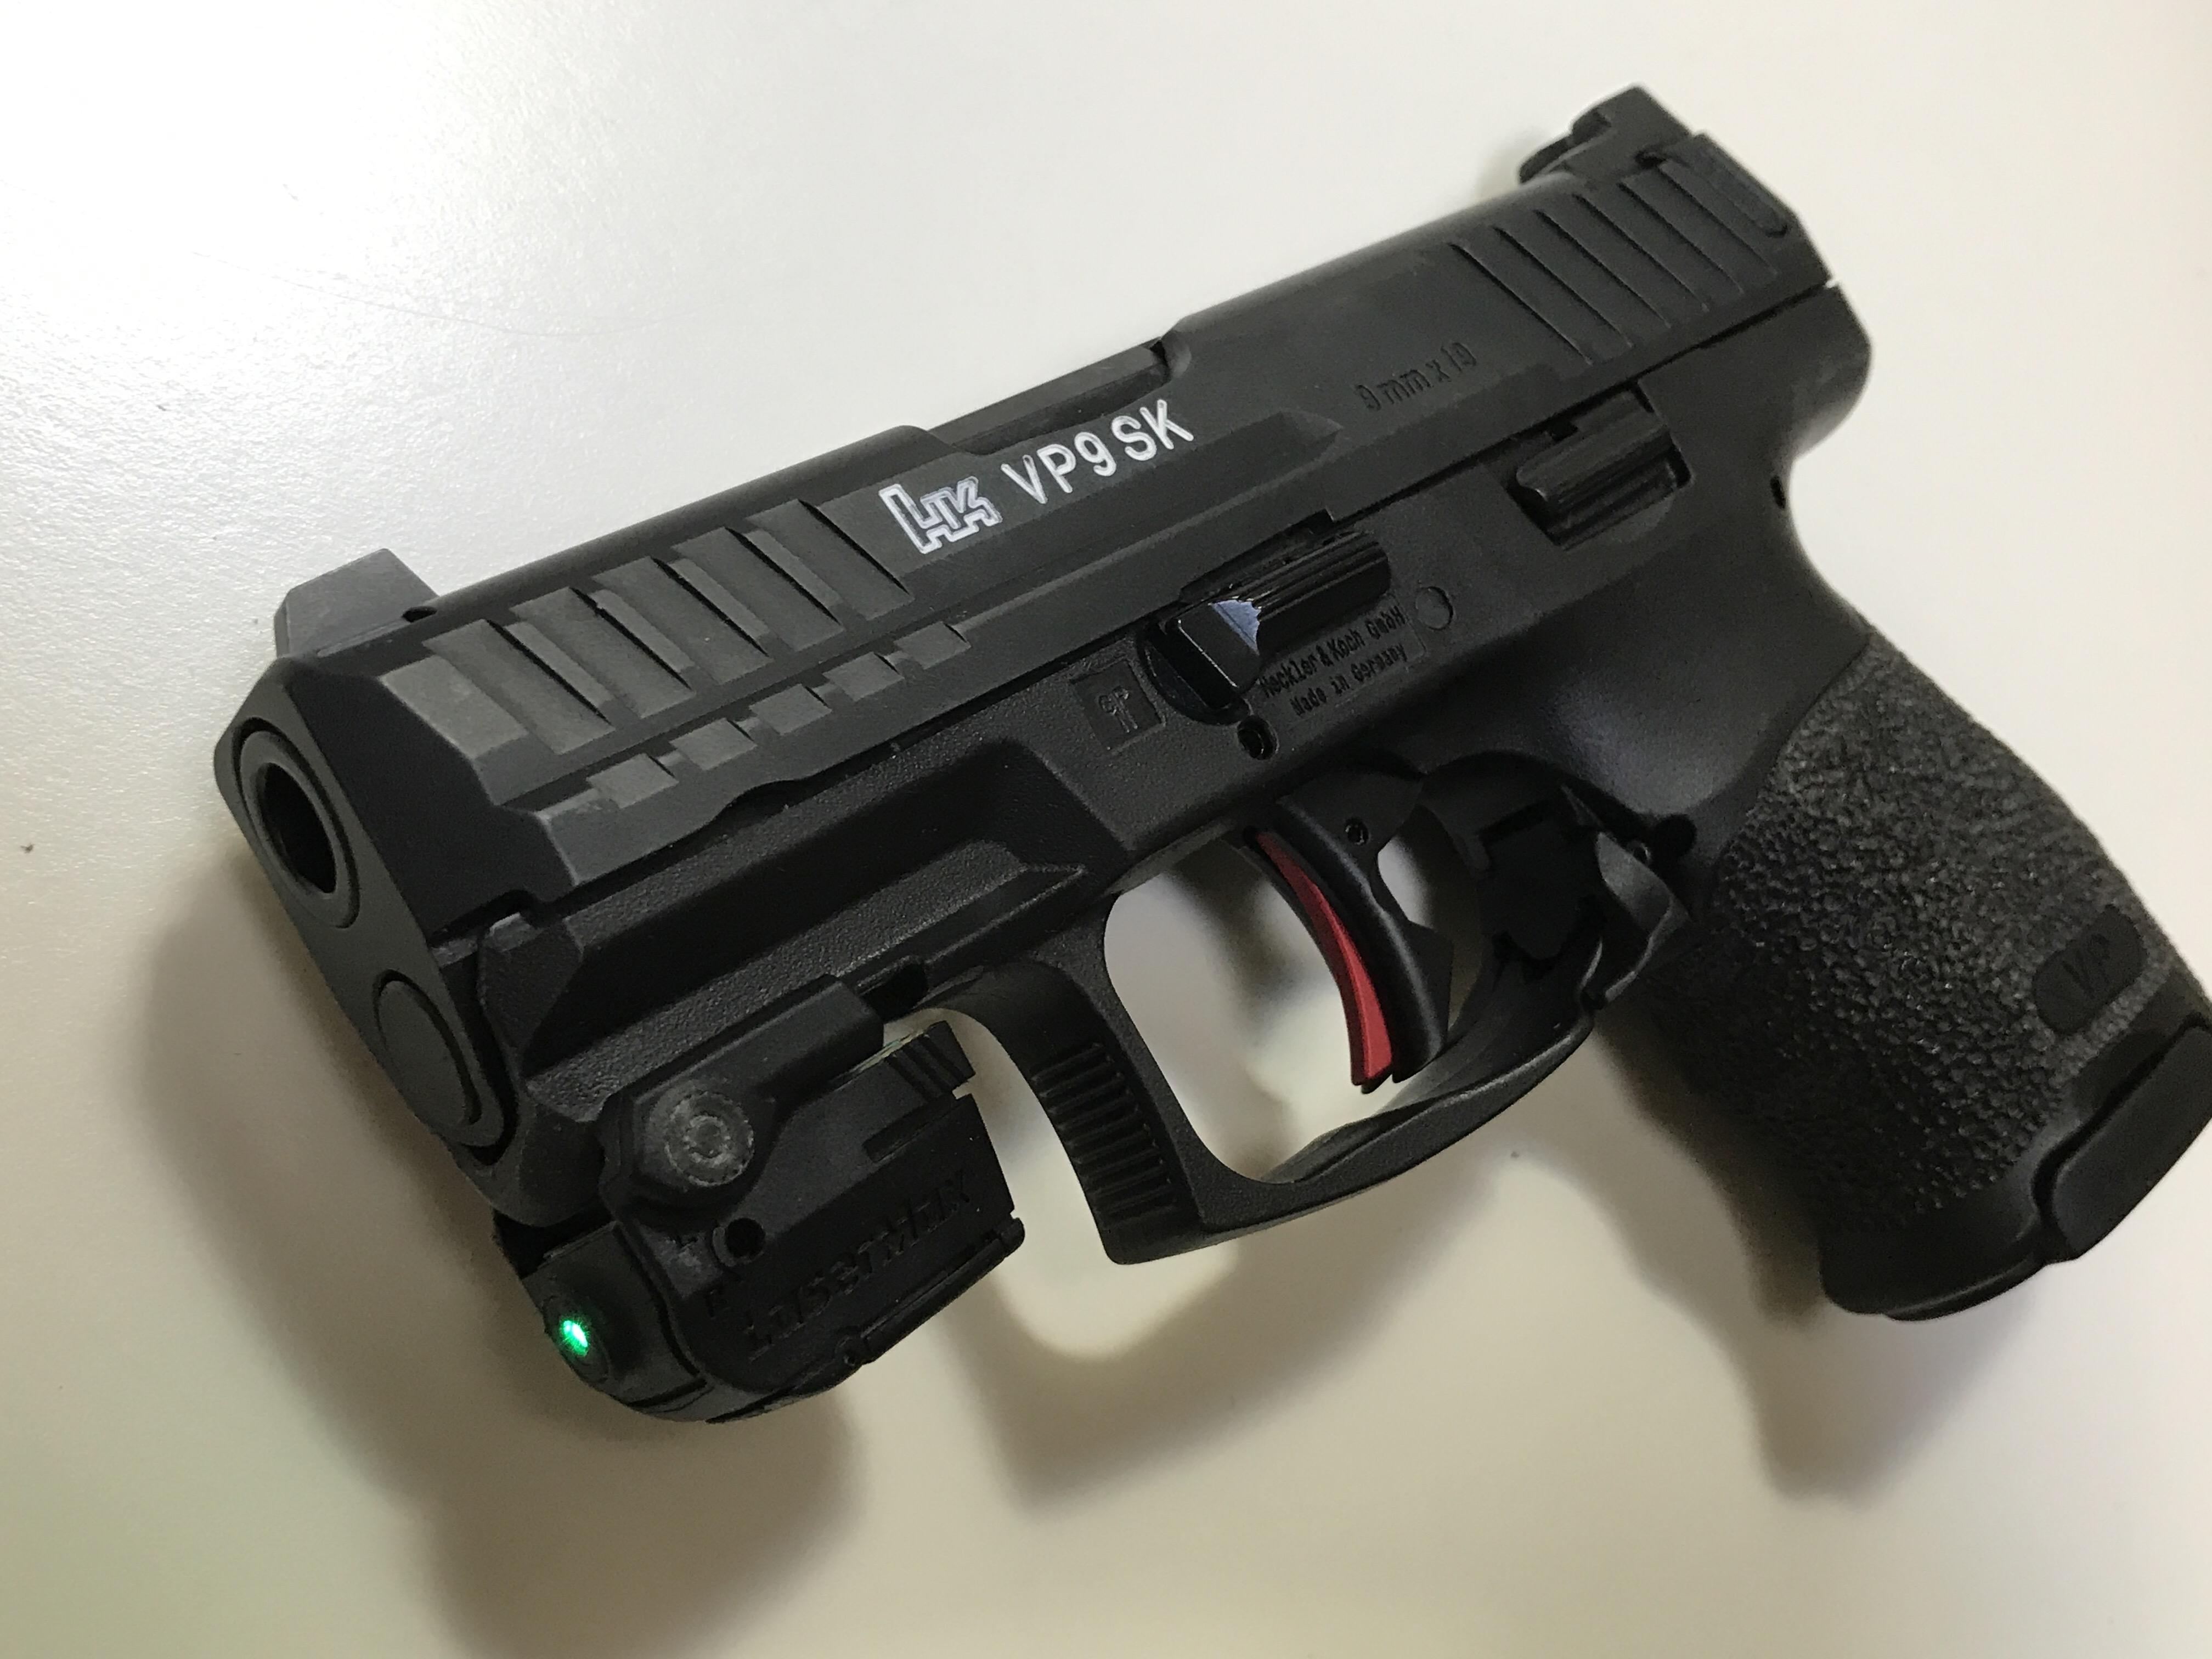 Laser For A Vp9 Sk